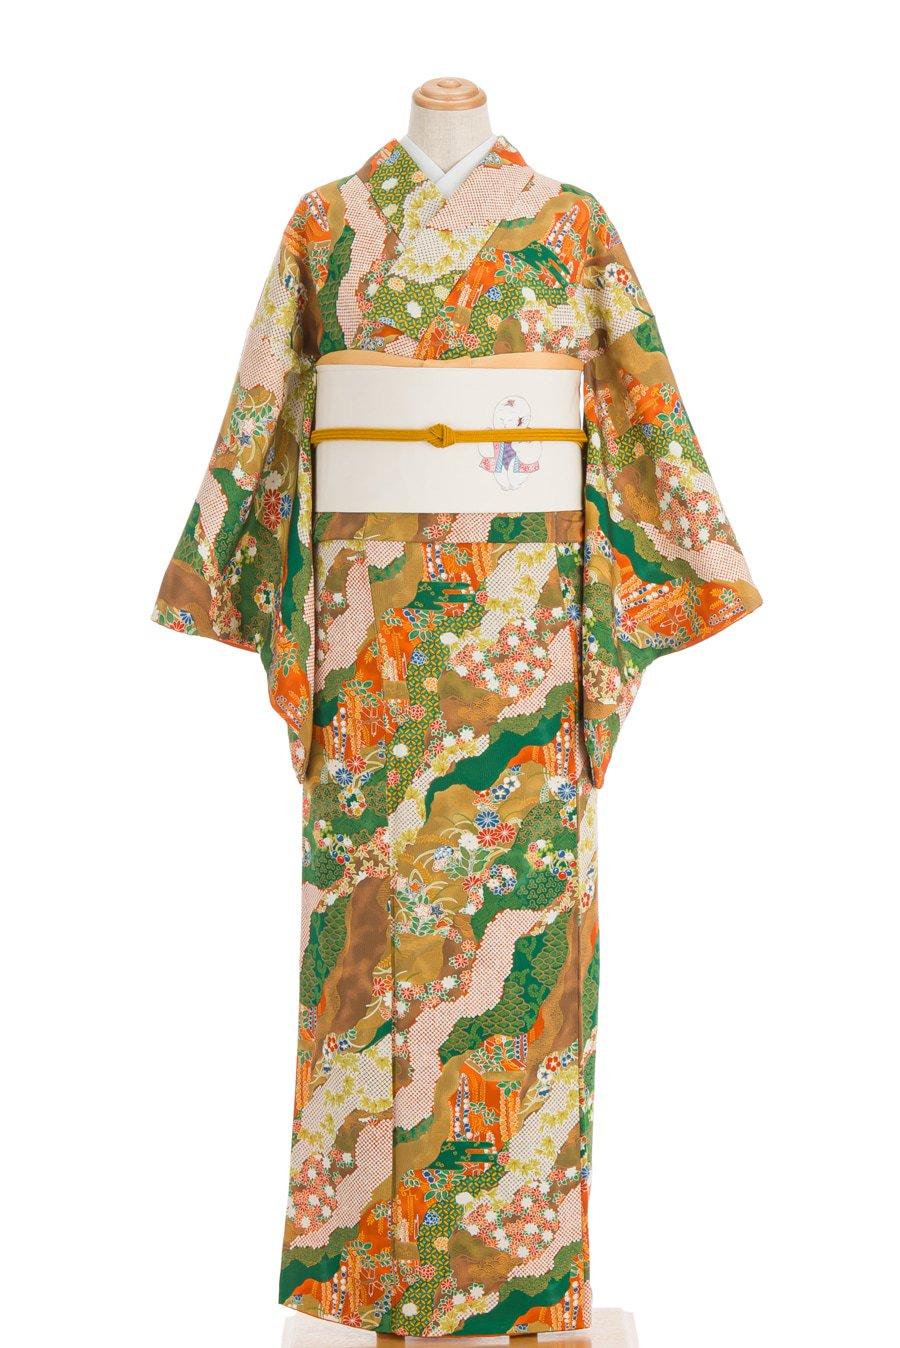 「道長取りに菊や花丸」の商品画像